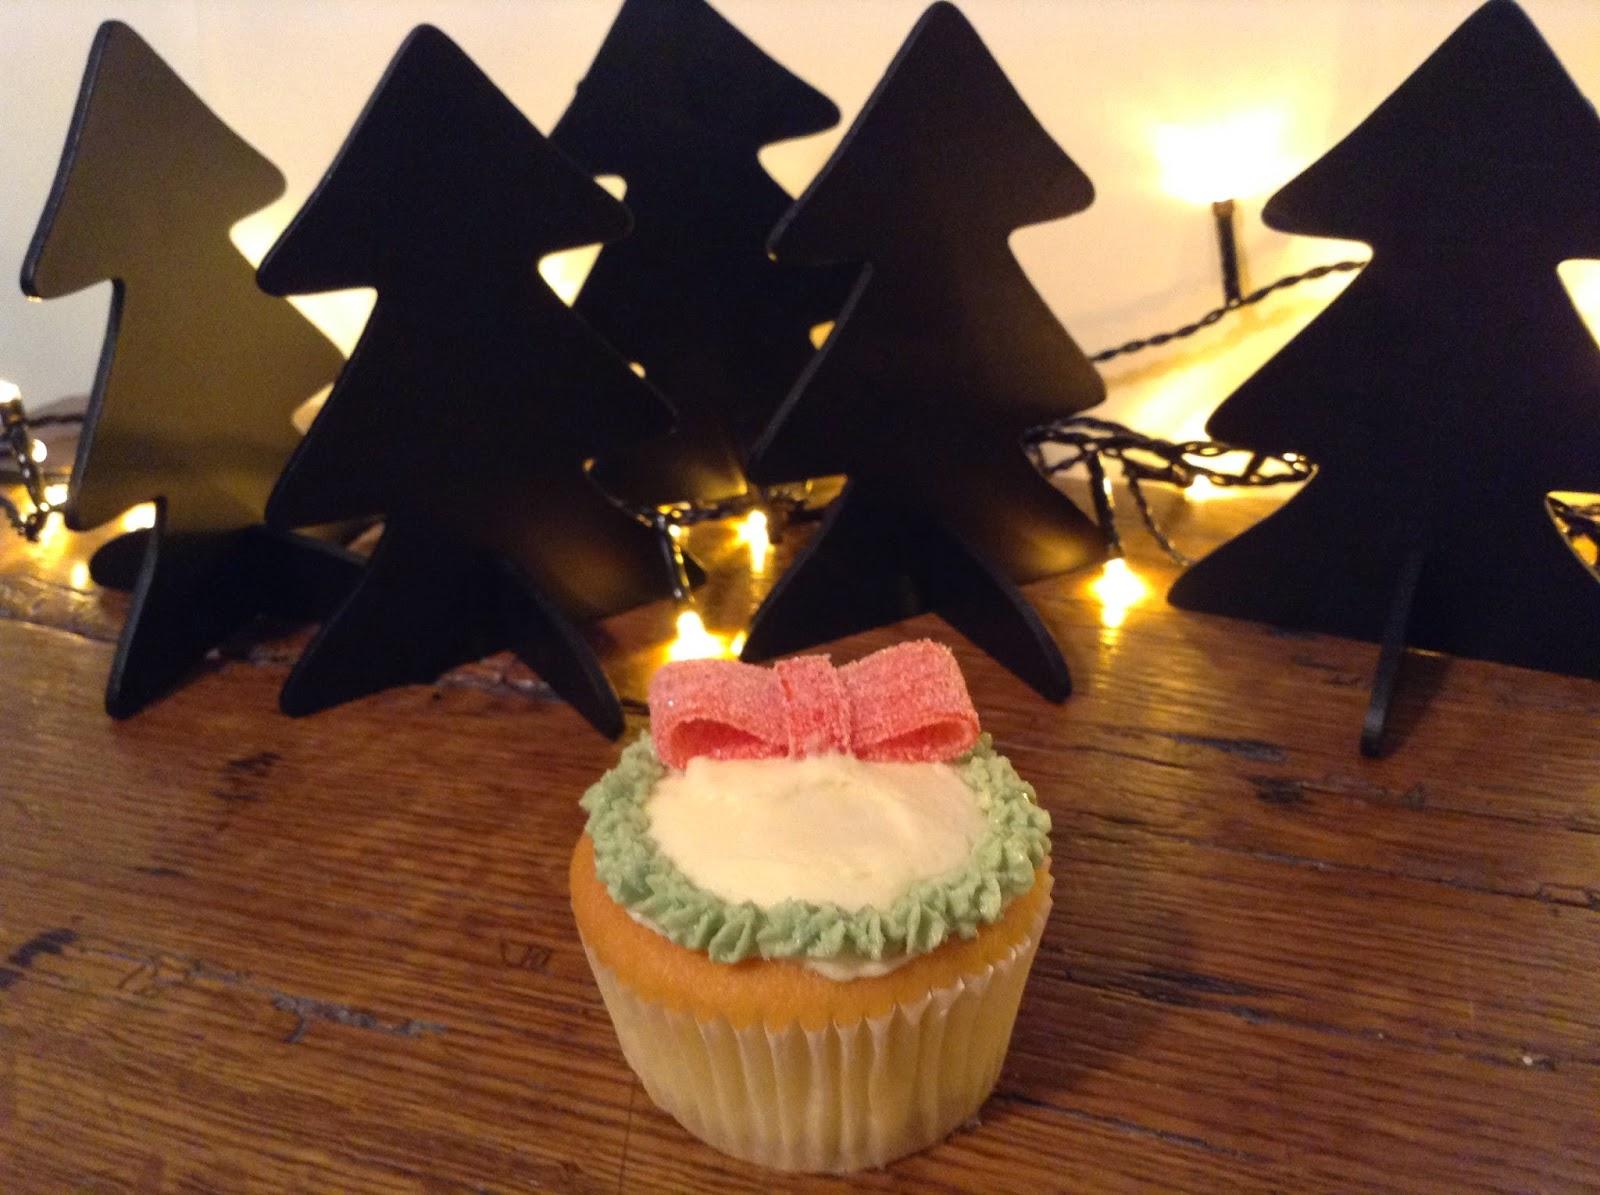 Cupcakes de Noël: couronne de houx décoré de son noeud rouge givré